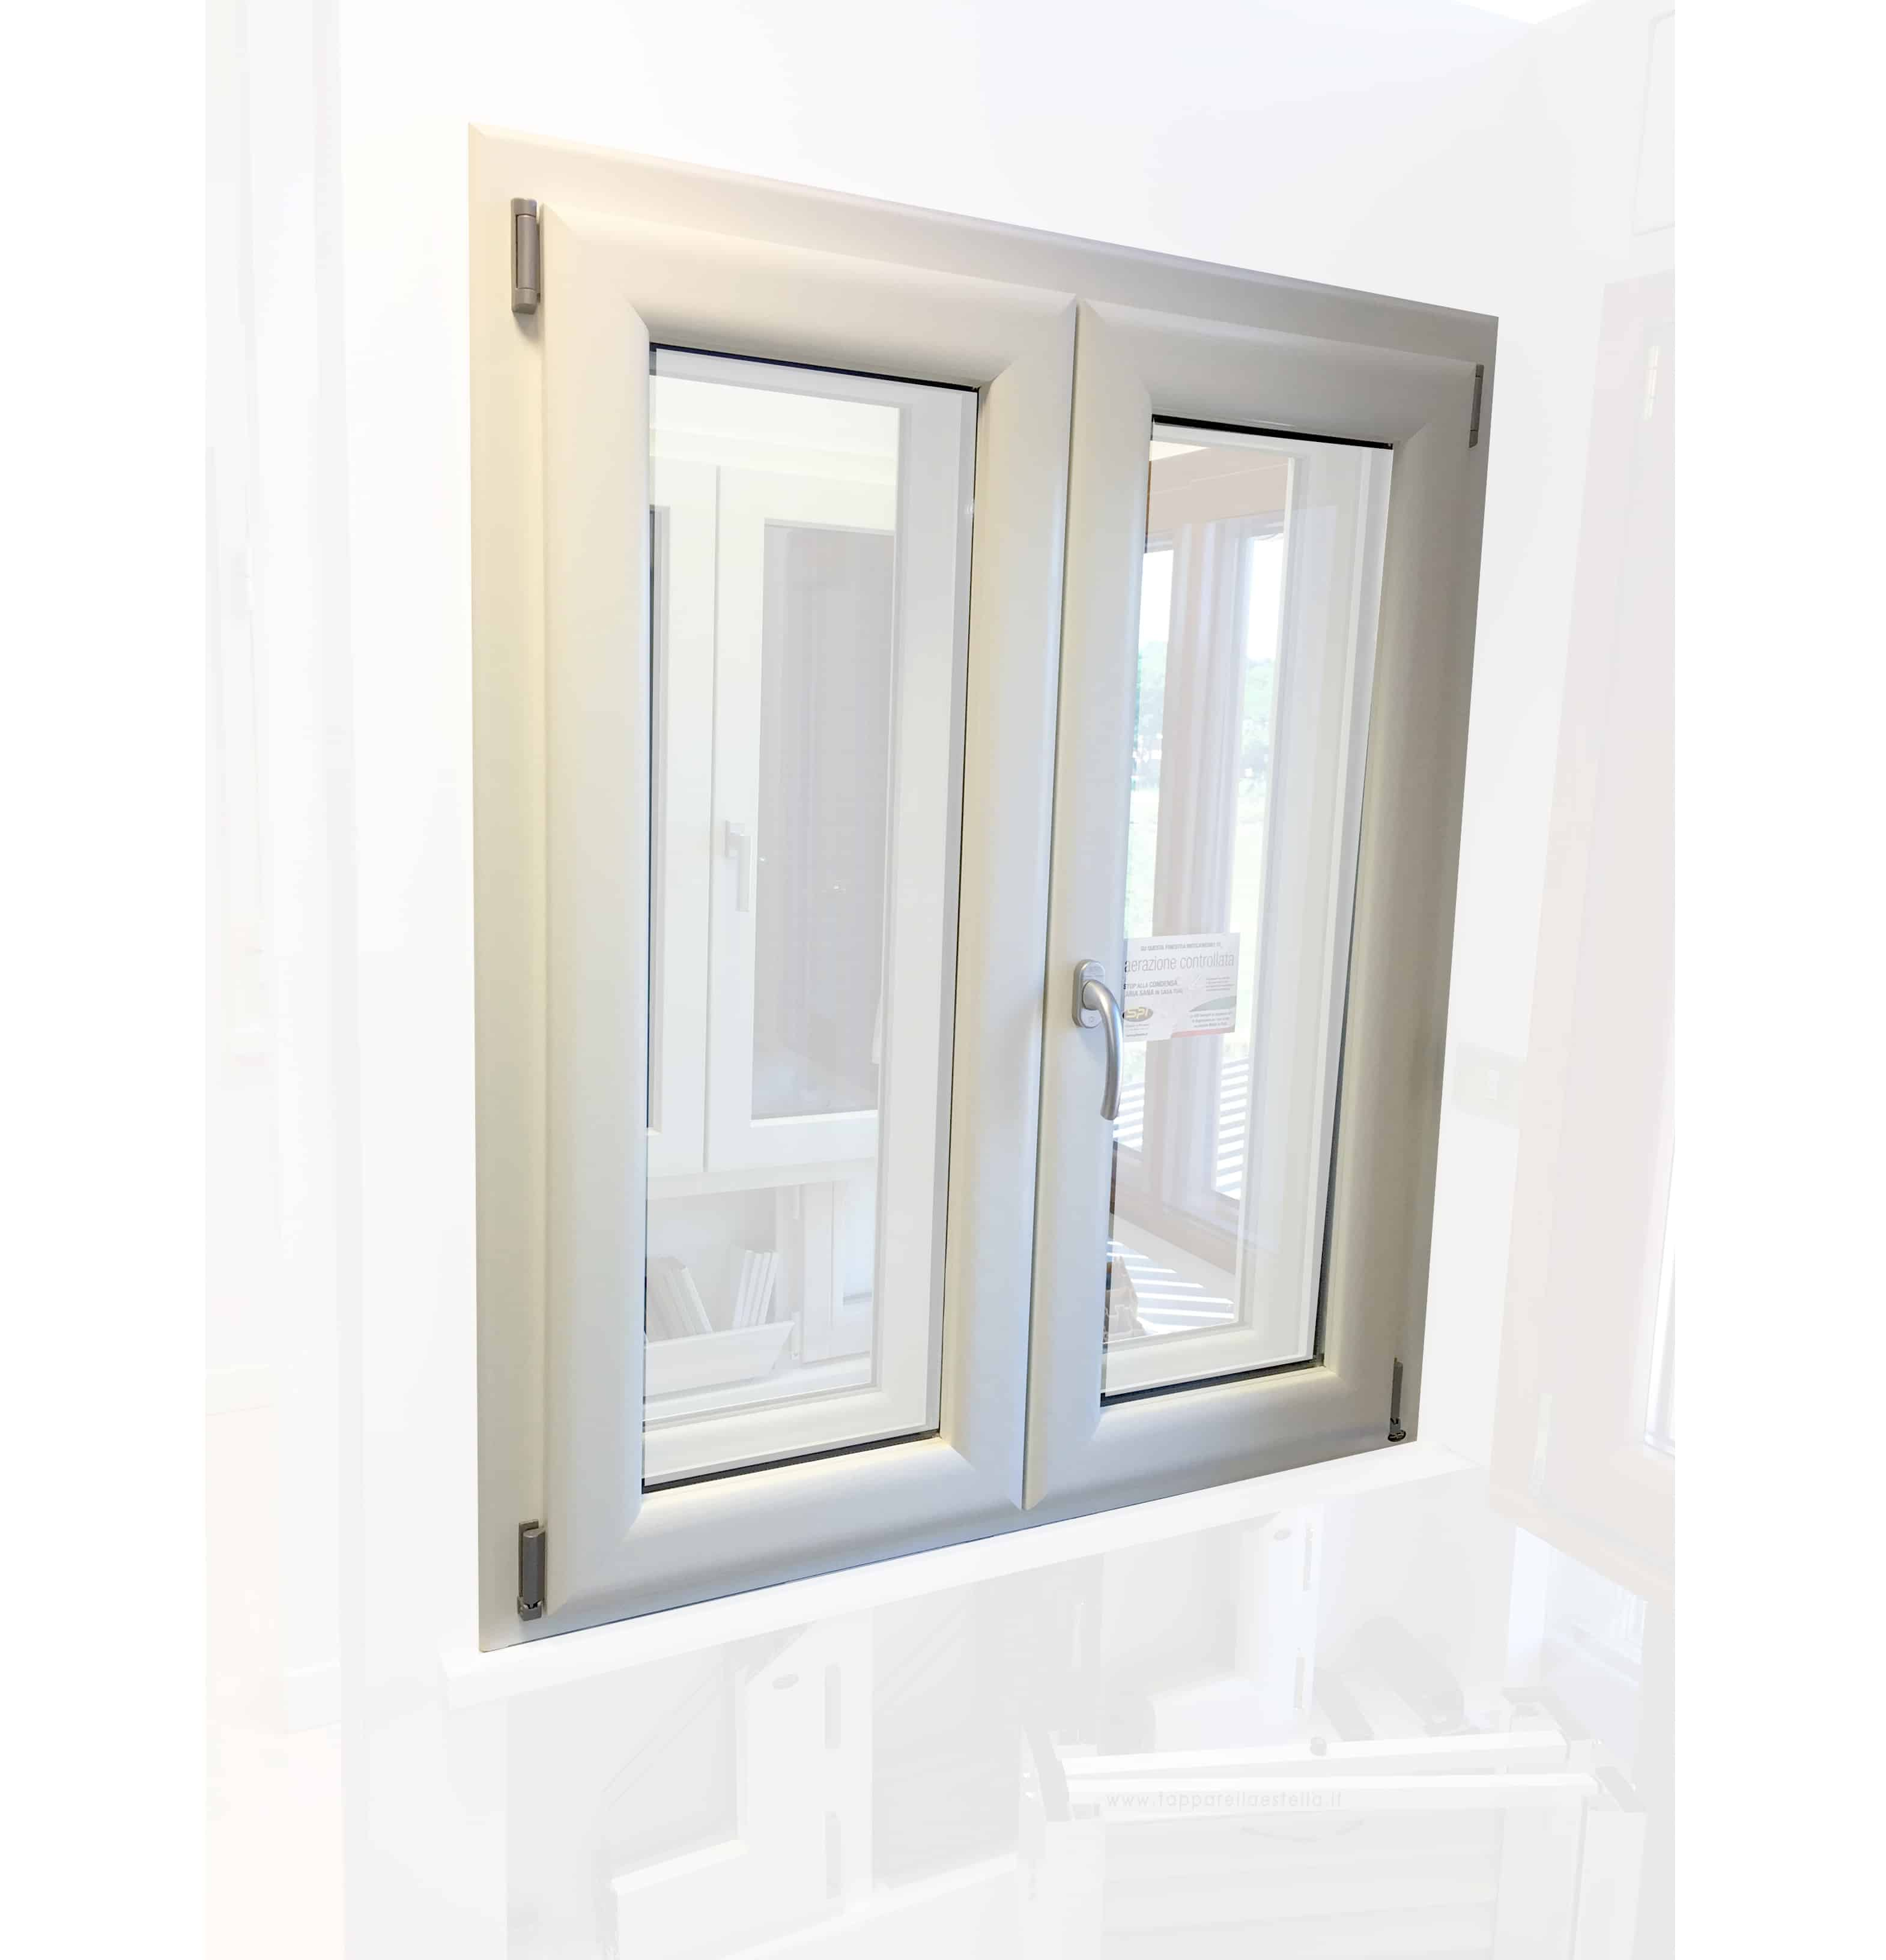 Finestra in alluminio legno trial della spi finestre bartocci porte e finestre - Ristrutturare porte e finestre ...